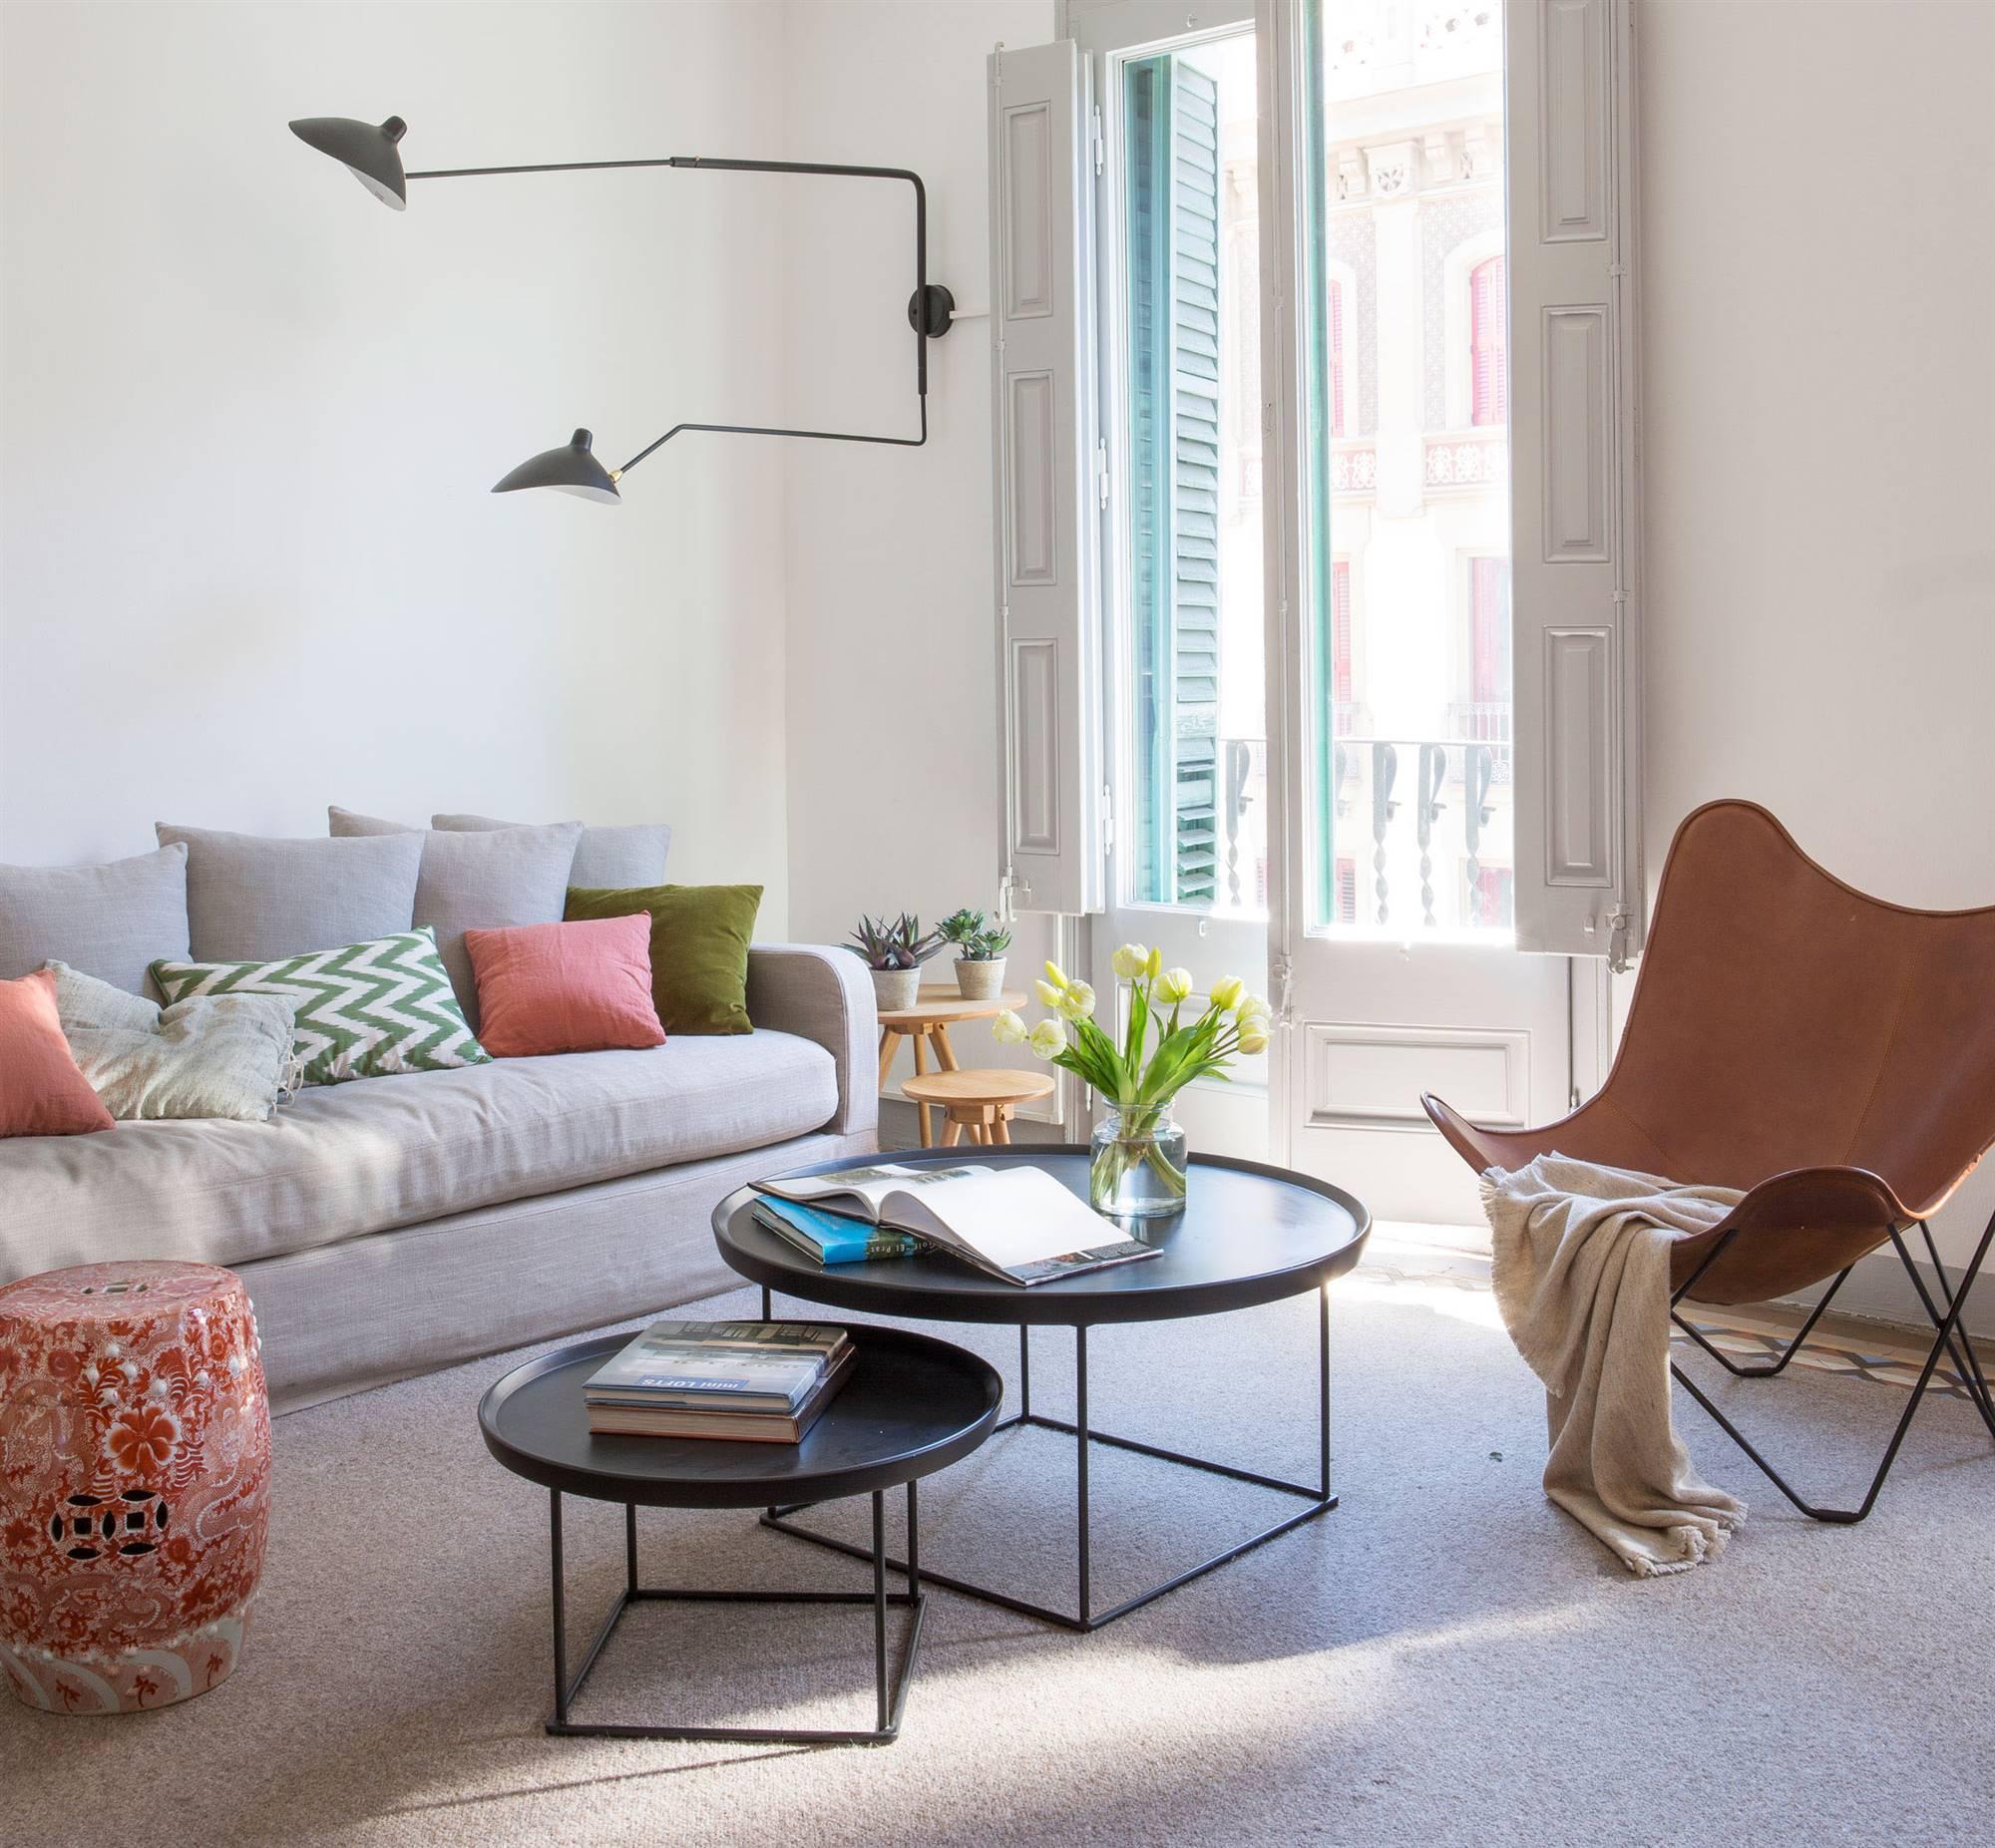 Mesas de centro ideas para decorarlas - Mesas salon redondas ...